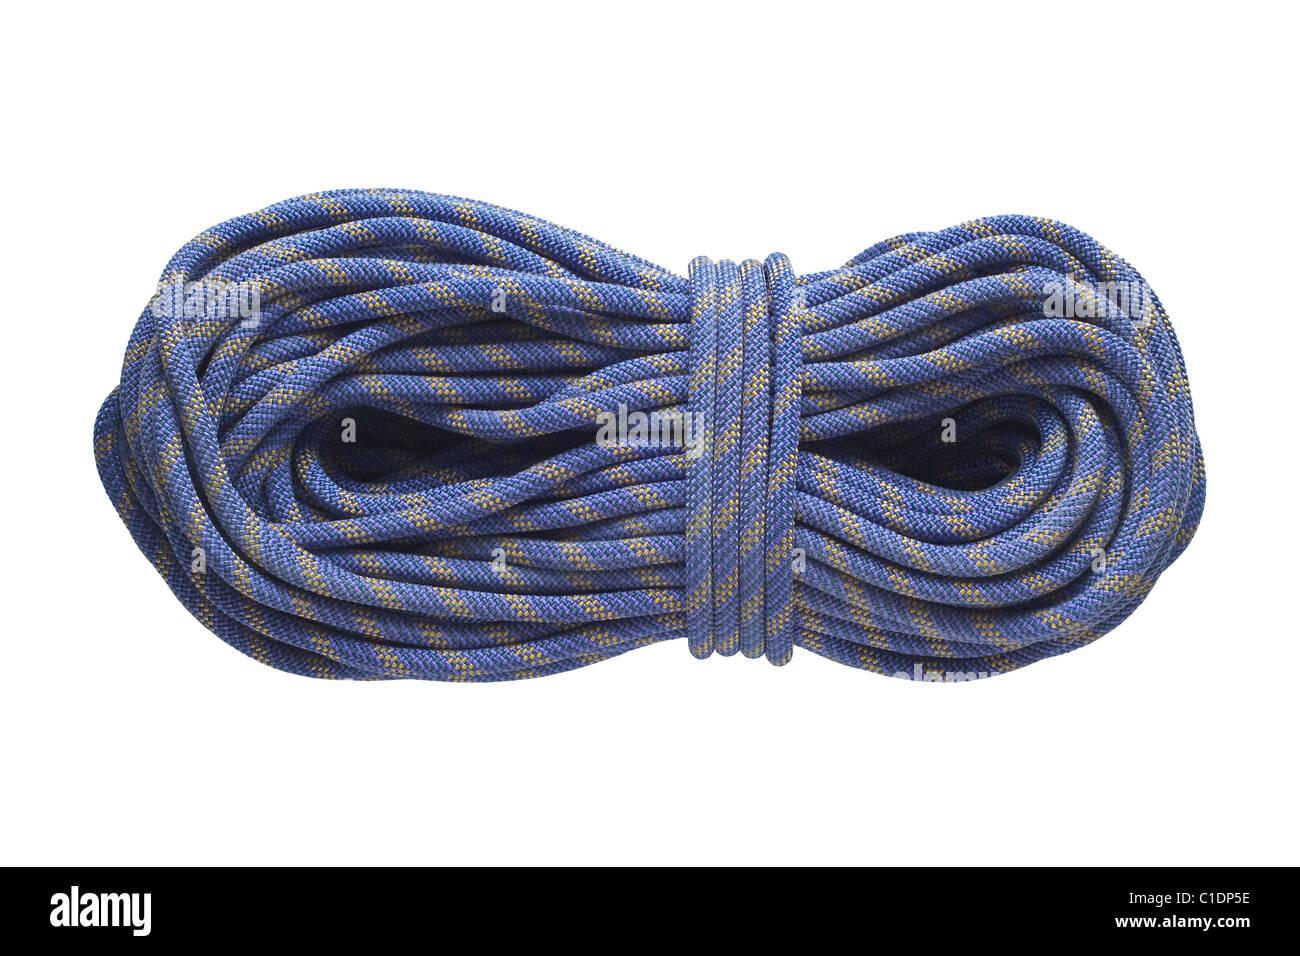 Cuerda para actividad recreativa aislado en blanco Imagen De Stock